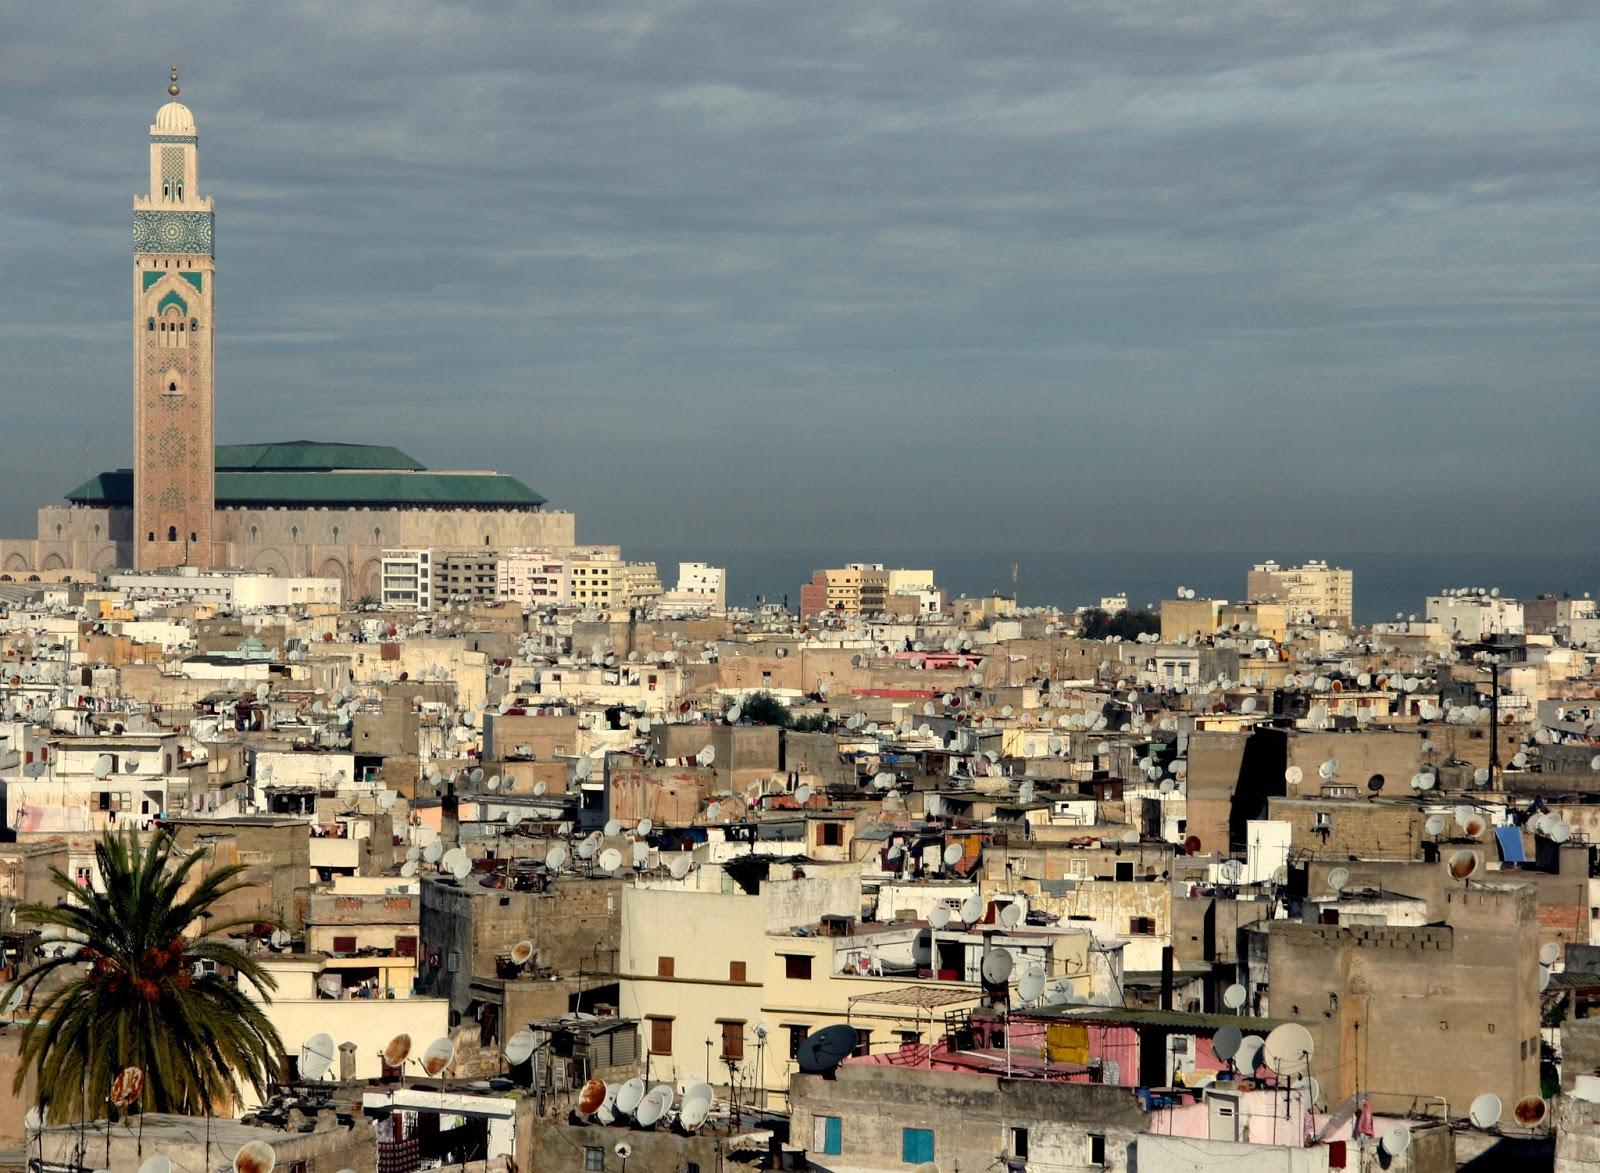 Marocco alle urne con l 39 incubo islamista - Marocco casablanca ...